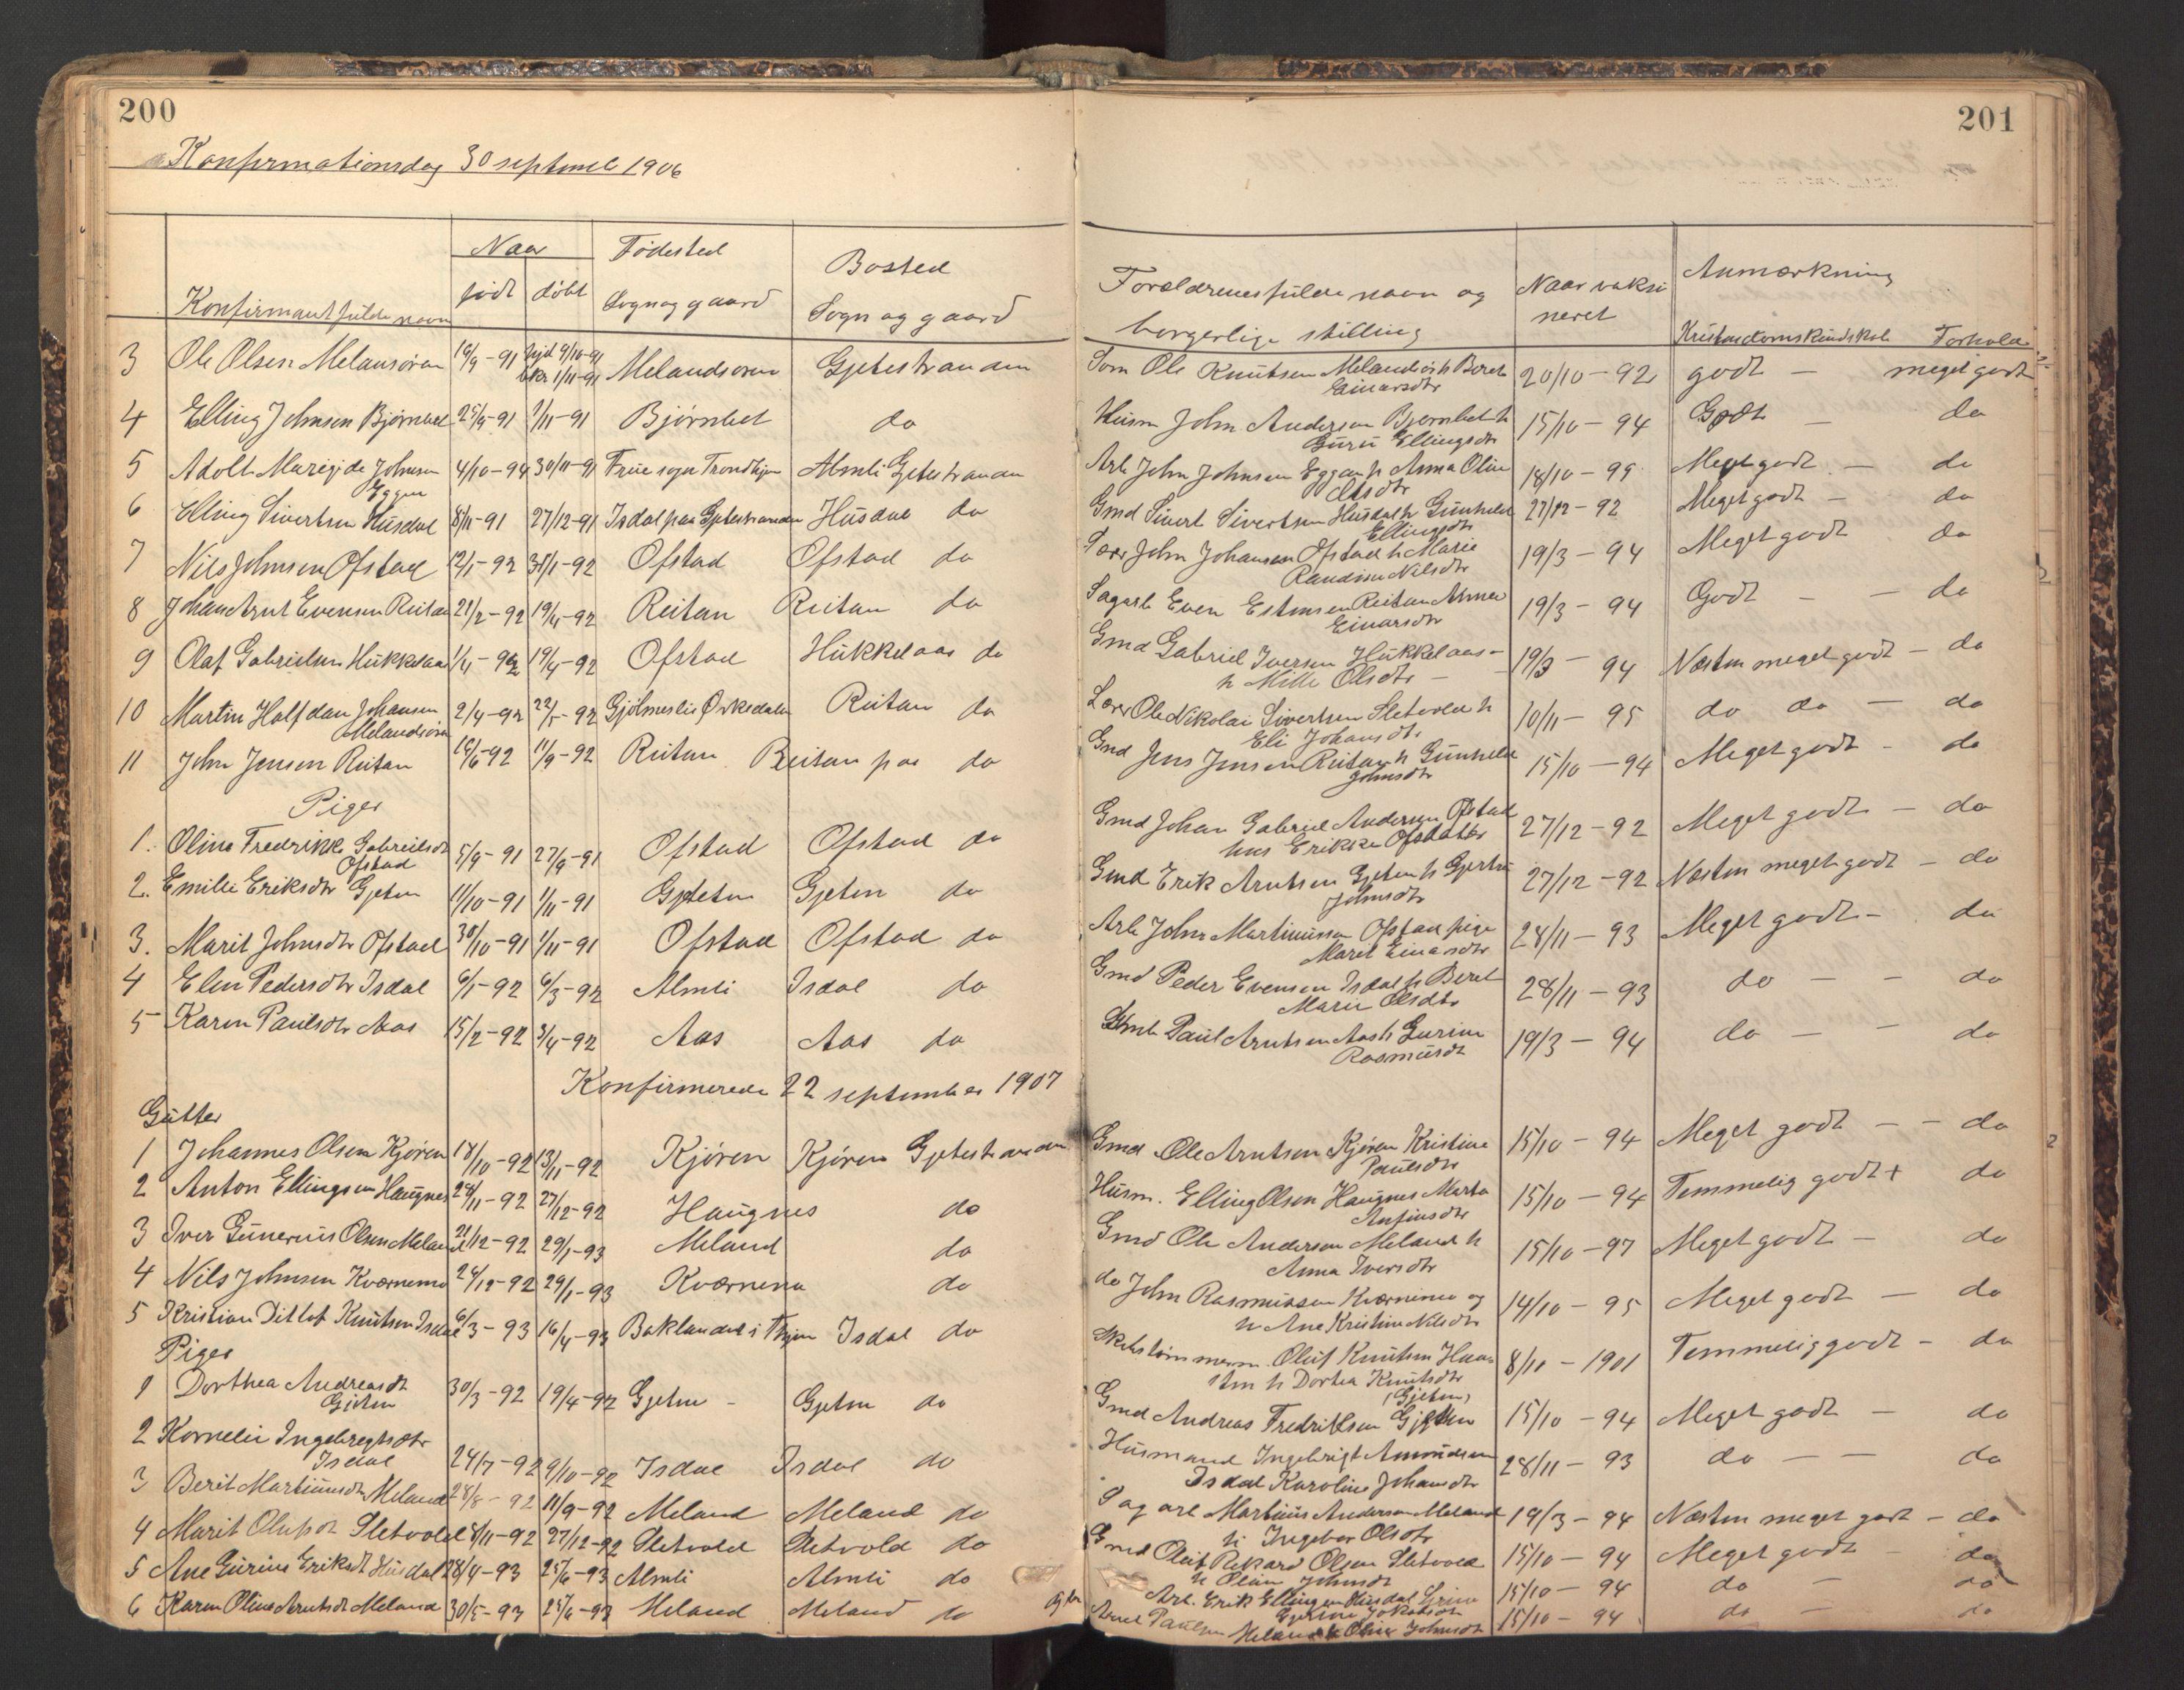 SAT, Ministerialprotokoller, klokkerbøker og fødselsregistre - Sør-Trøndelag, 670/L0837: Klokkerbok nr. 670C01, 1905-1946, s. 200-201